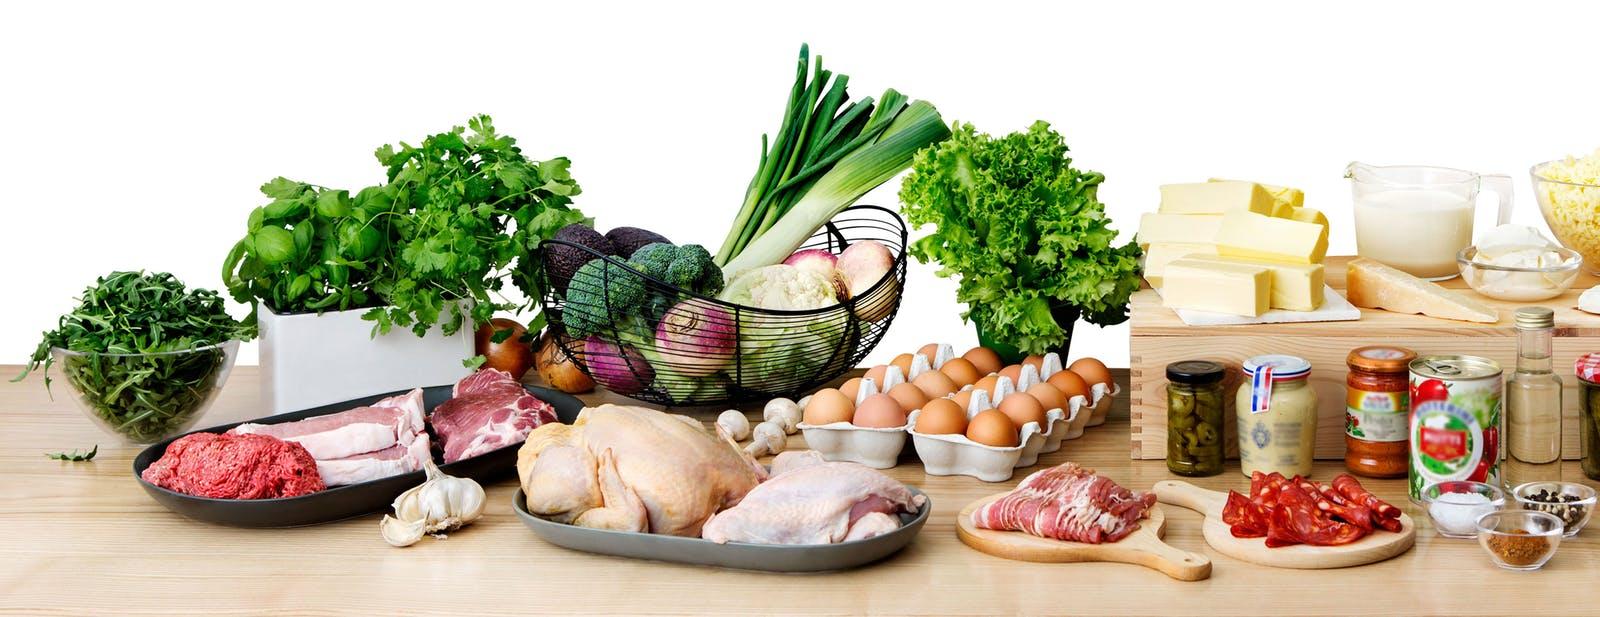 Katera živila so dovoljena pri lchf dieti?